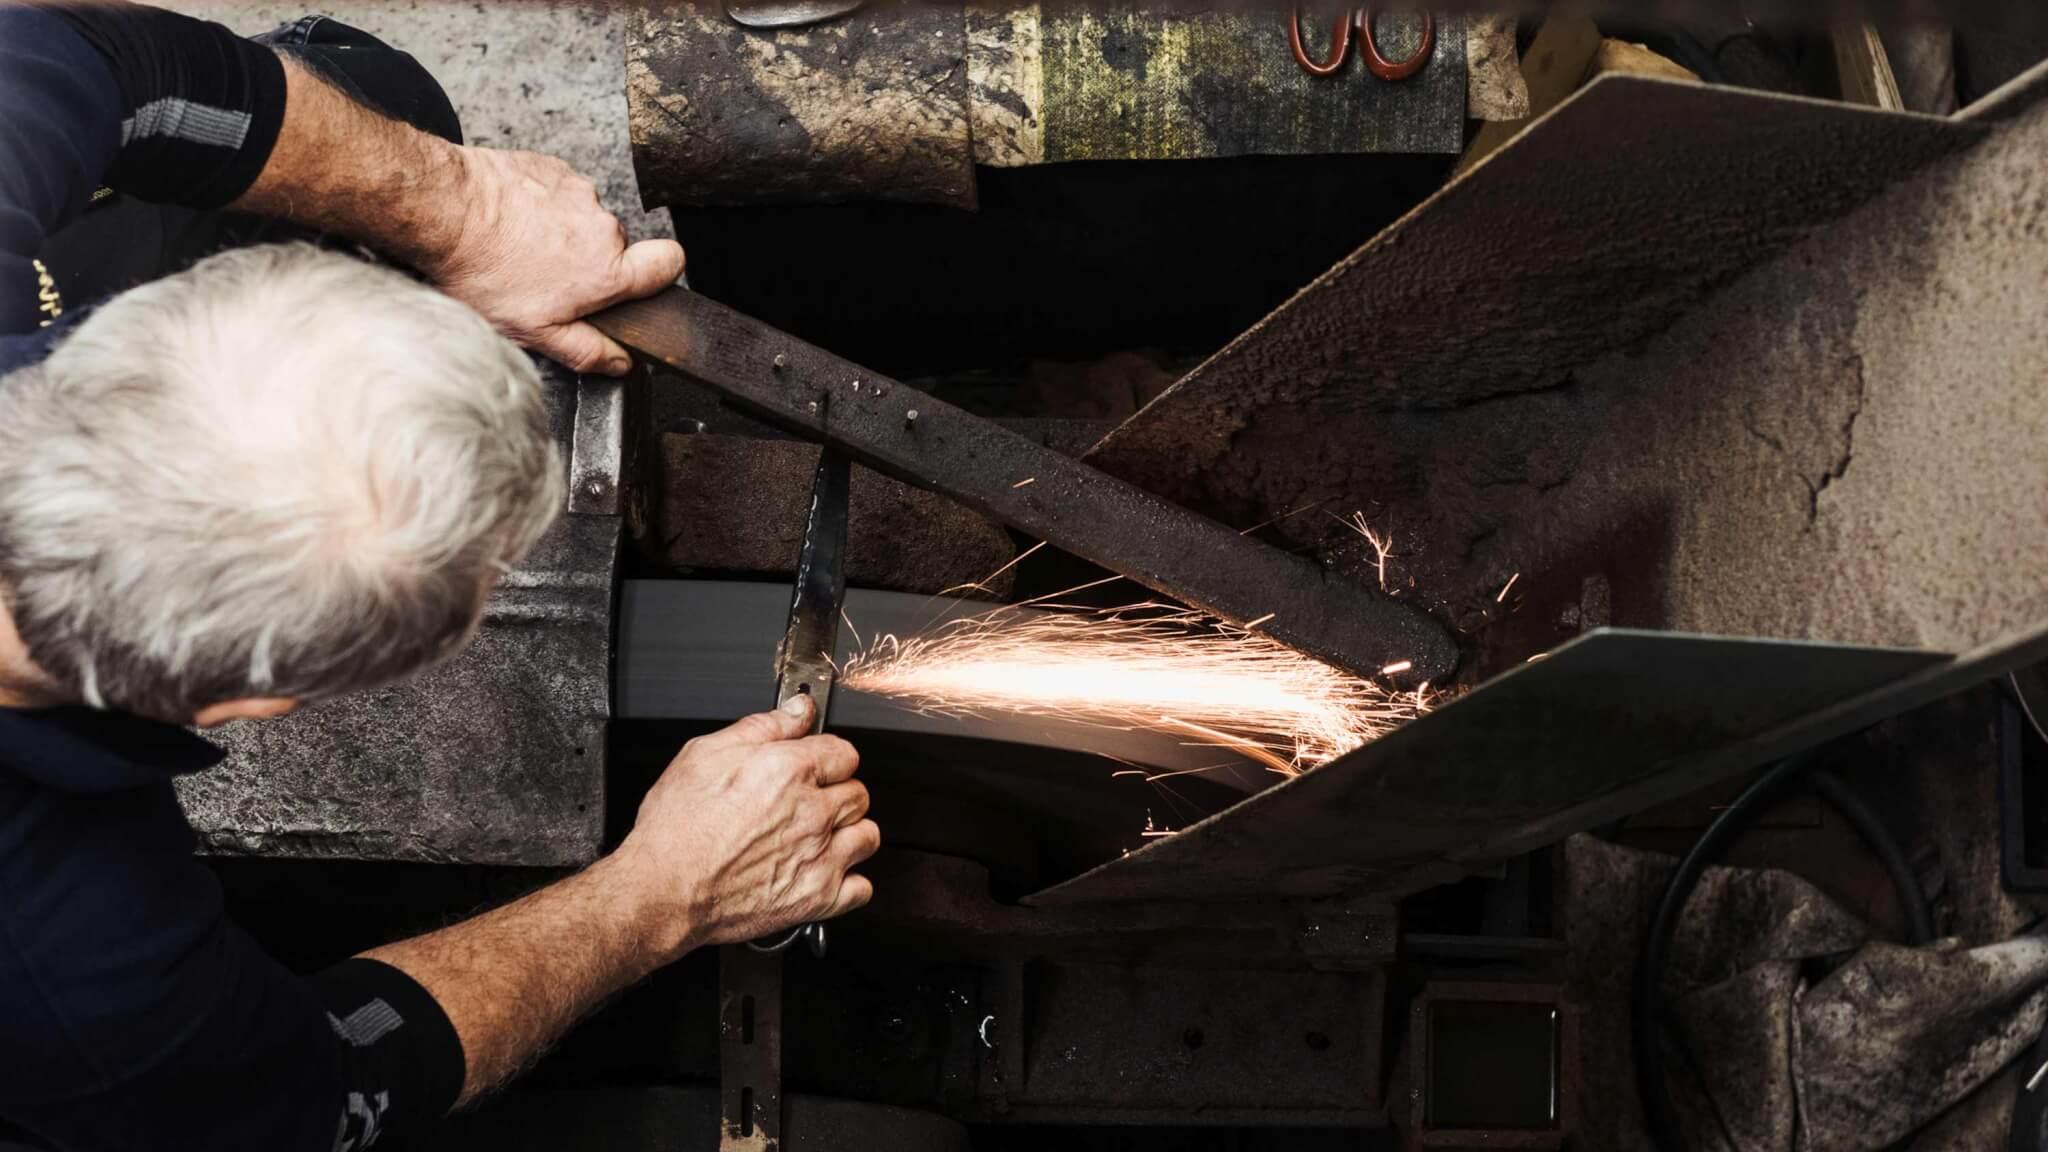 making-bespoke-tailoring-shears